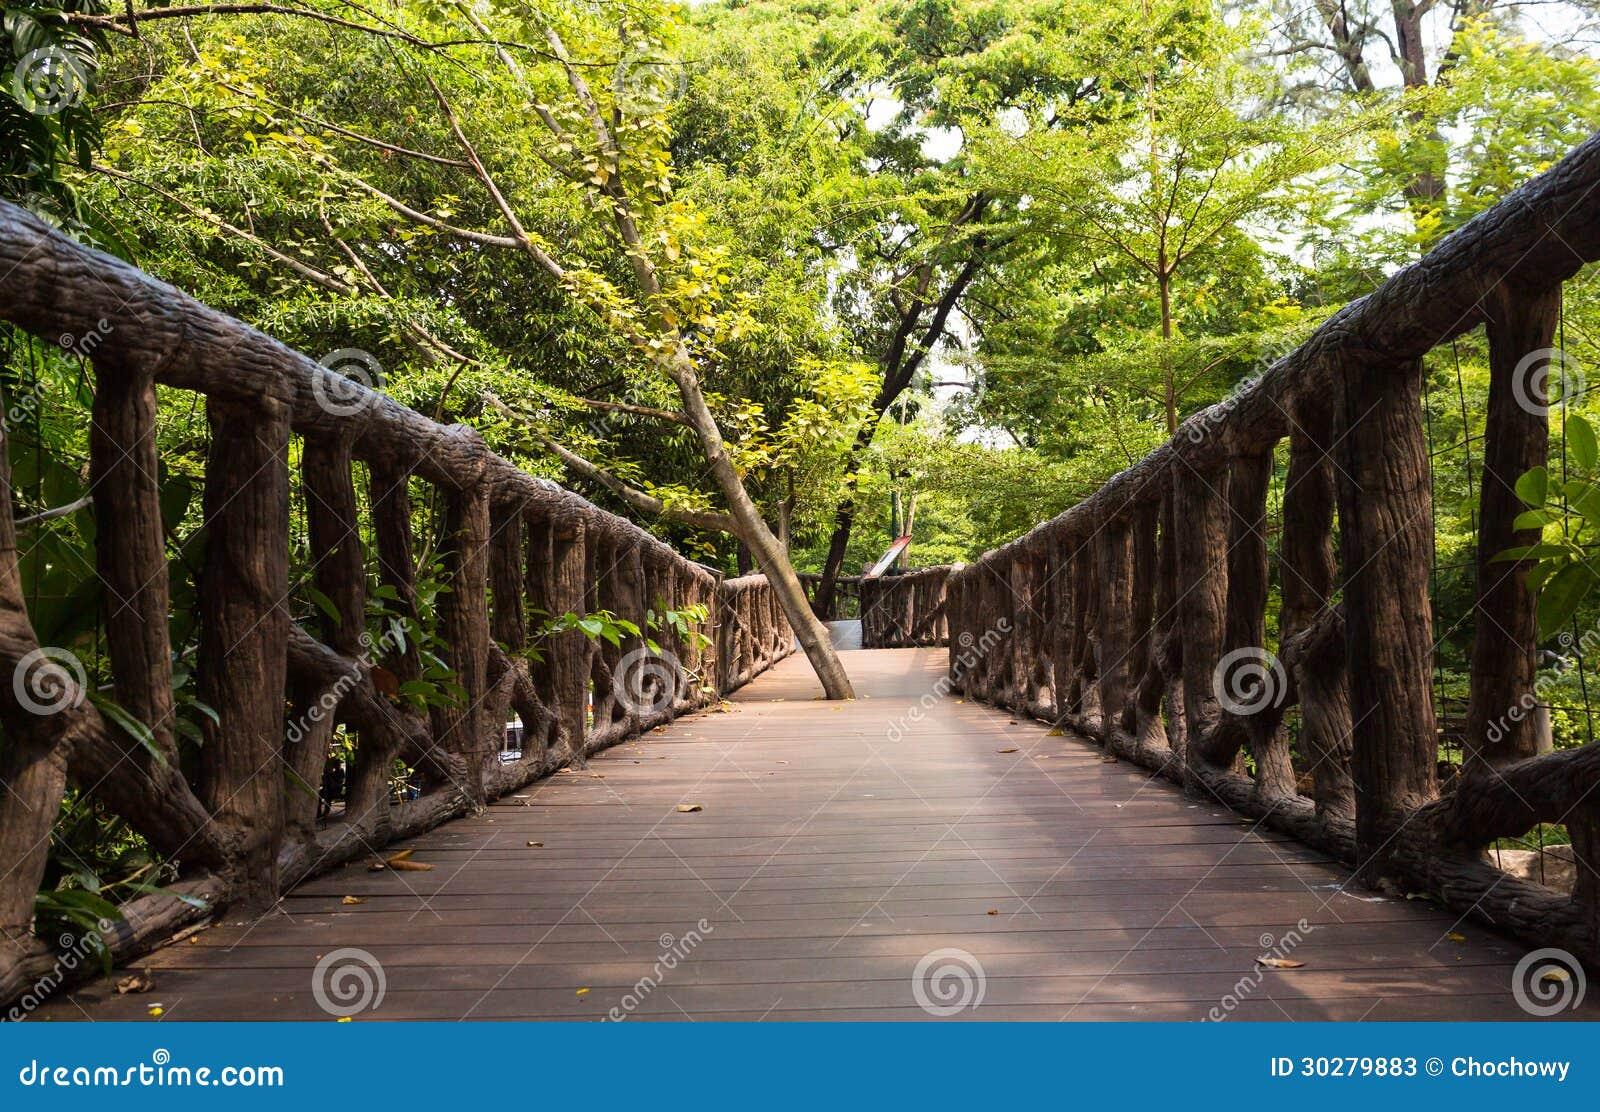 在狂放的森林中的木桥道路